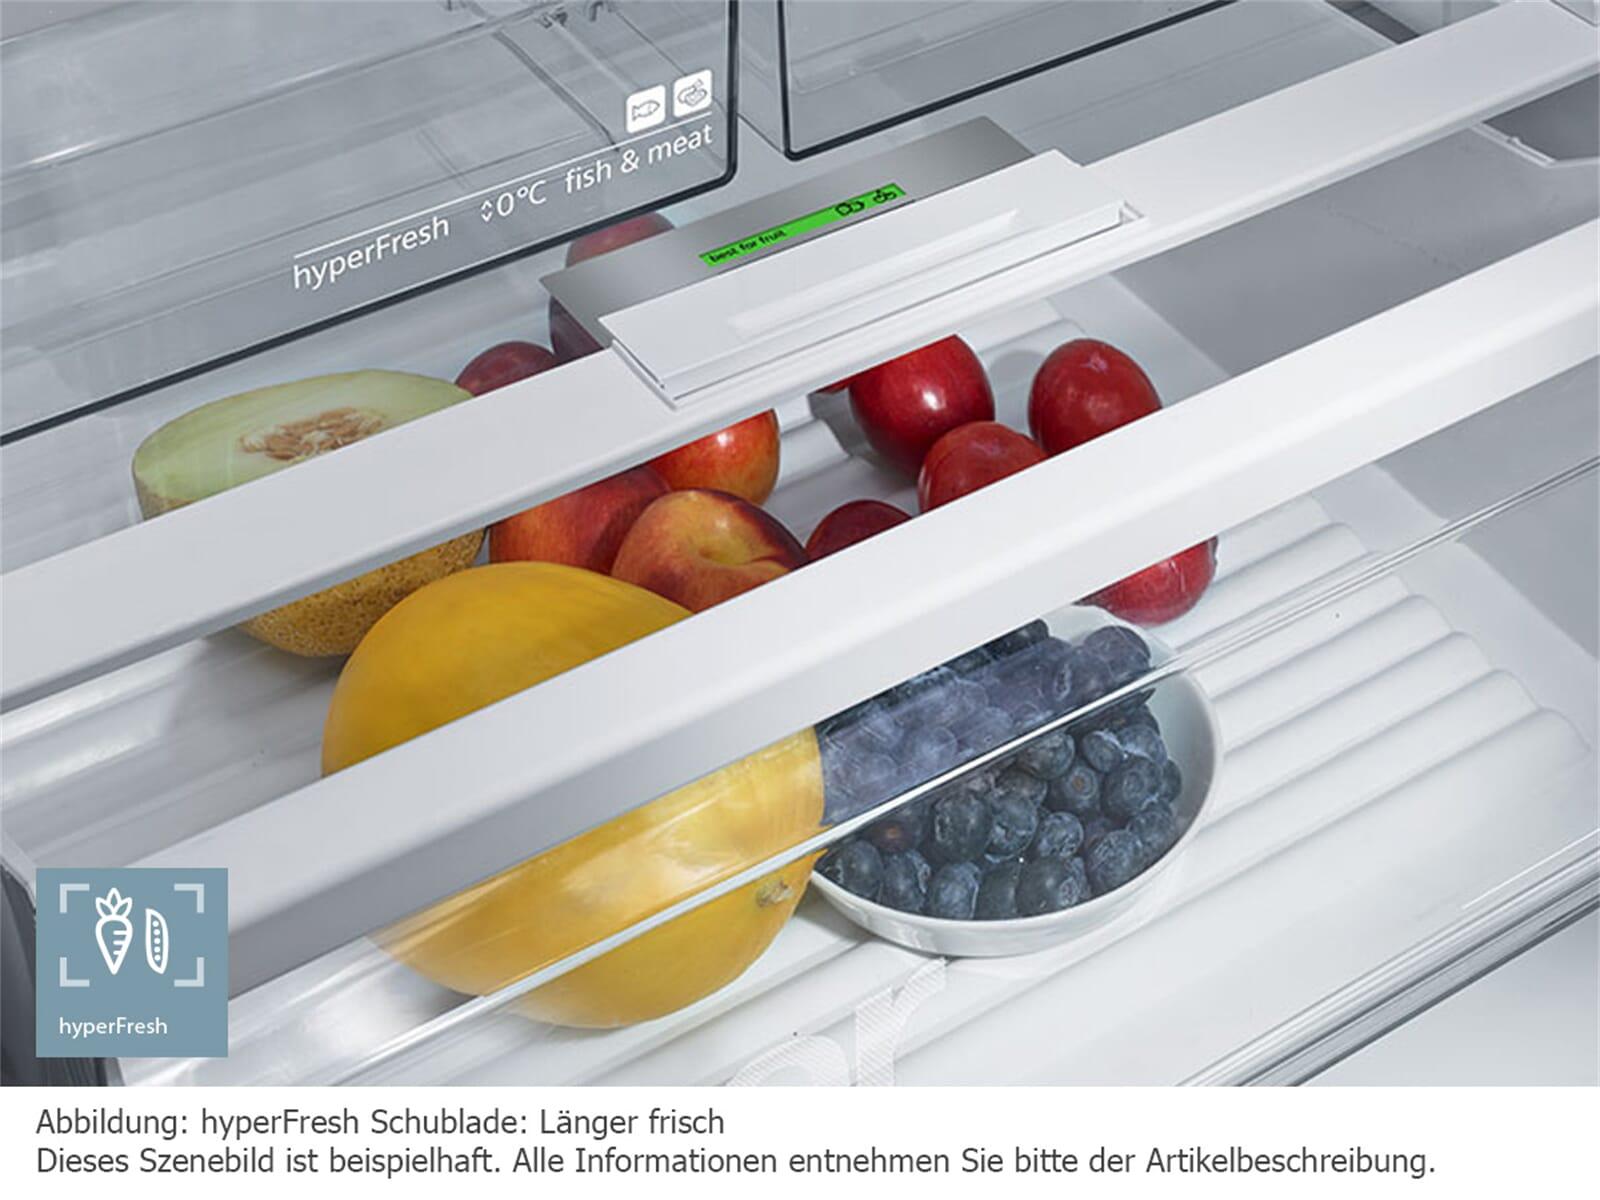 Siemens Kühlschrank Alarm Ausschalten : Siemens ka92dhb31 side by side kühl gefrierkombination schwarz